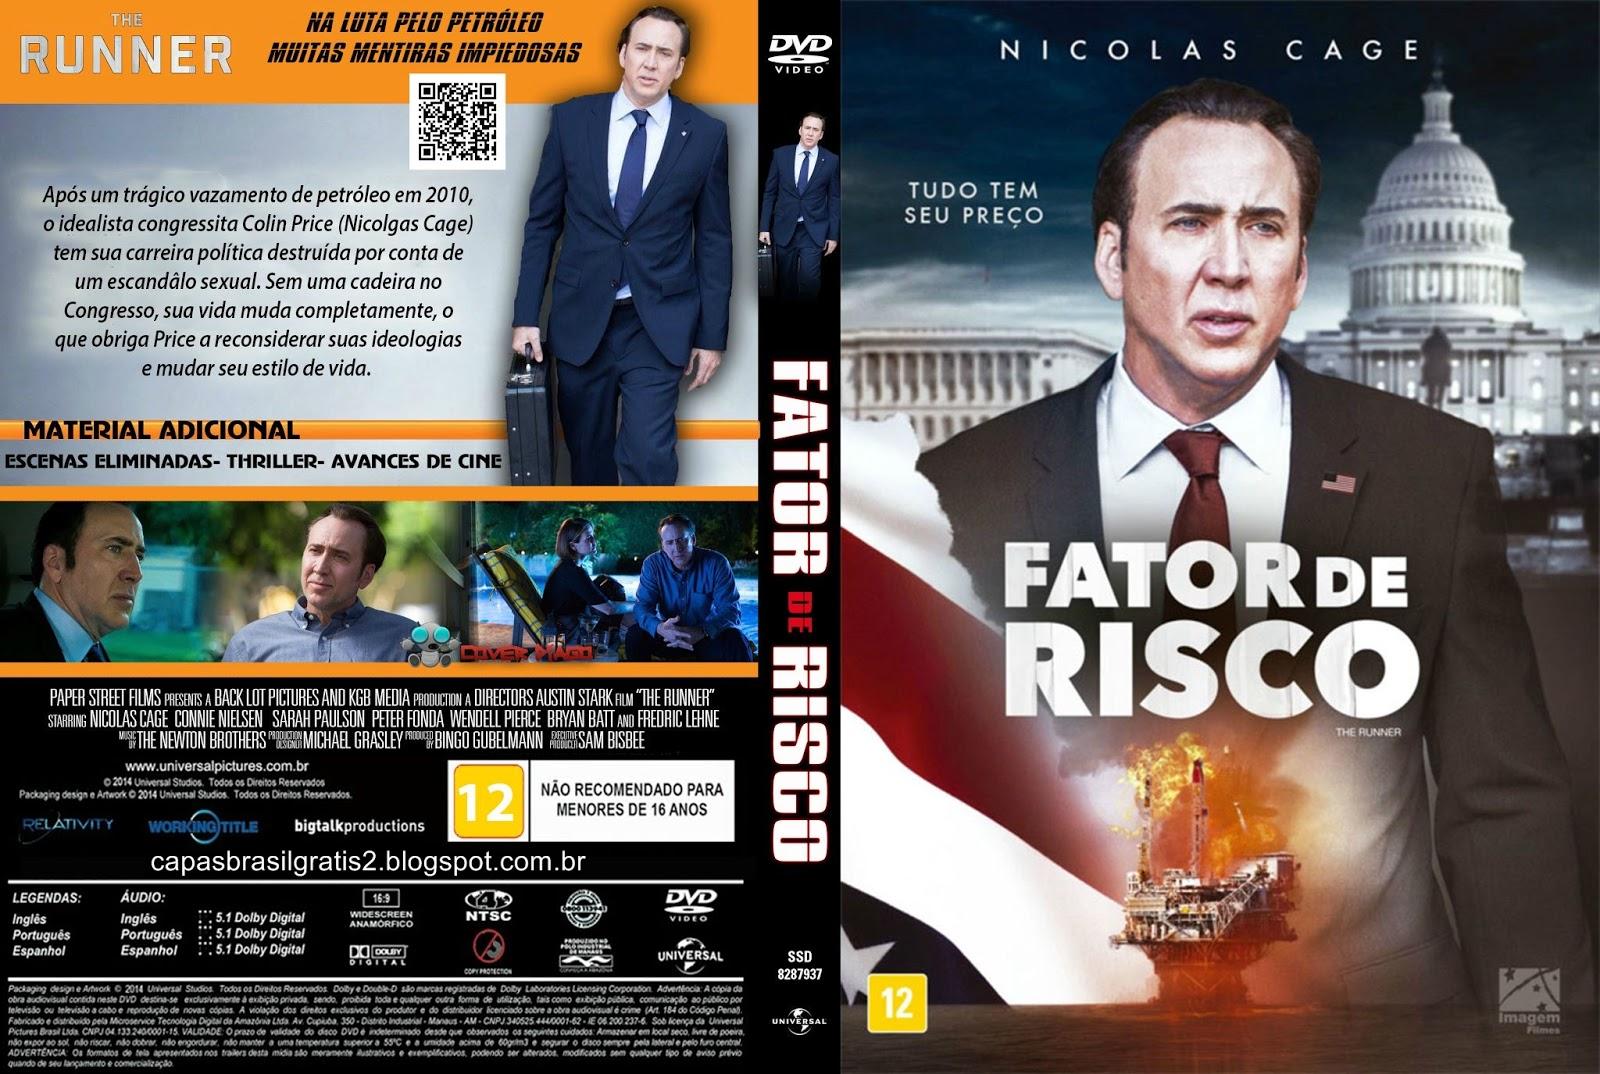 Download Fator de Risco DVD-R Fator de Risco 01